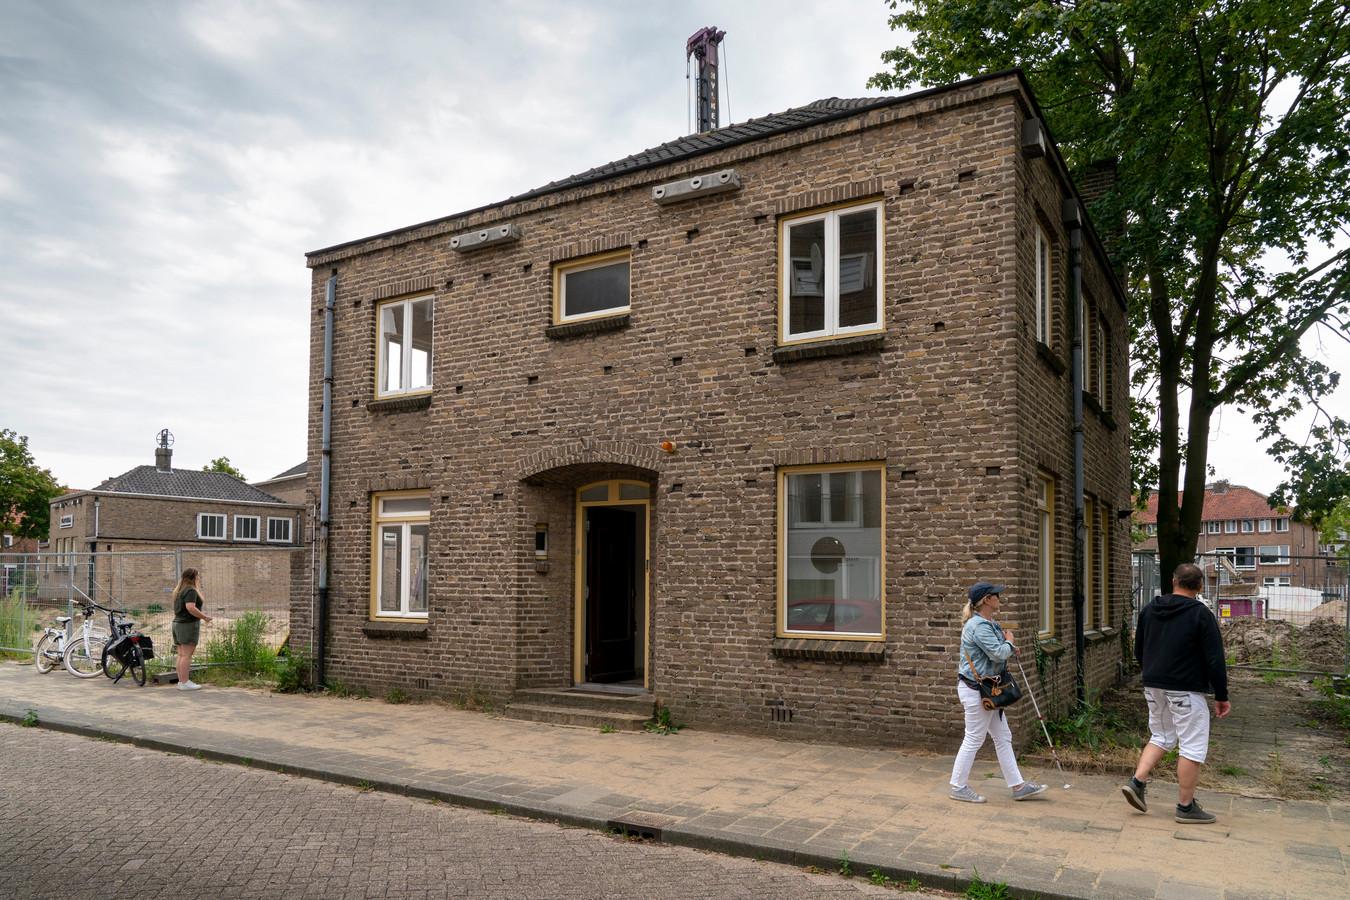 De voormalige pastorie in Boschveld is inmiddels verkocht. De gemeente mag nu ook bomen kappen om parkeerplaatsen aan te leggen.